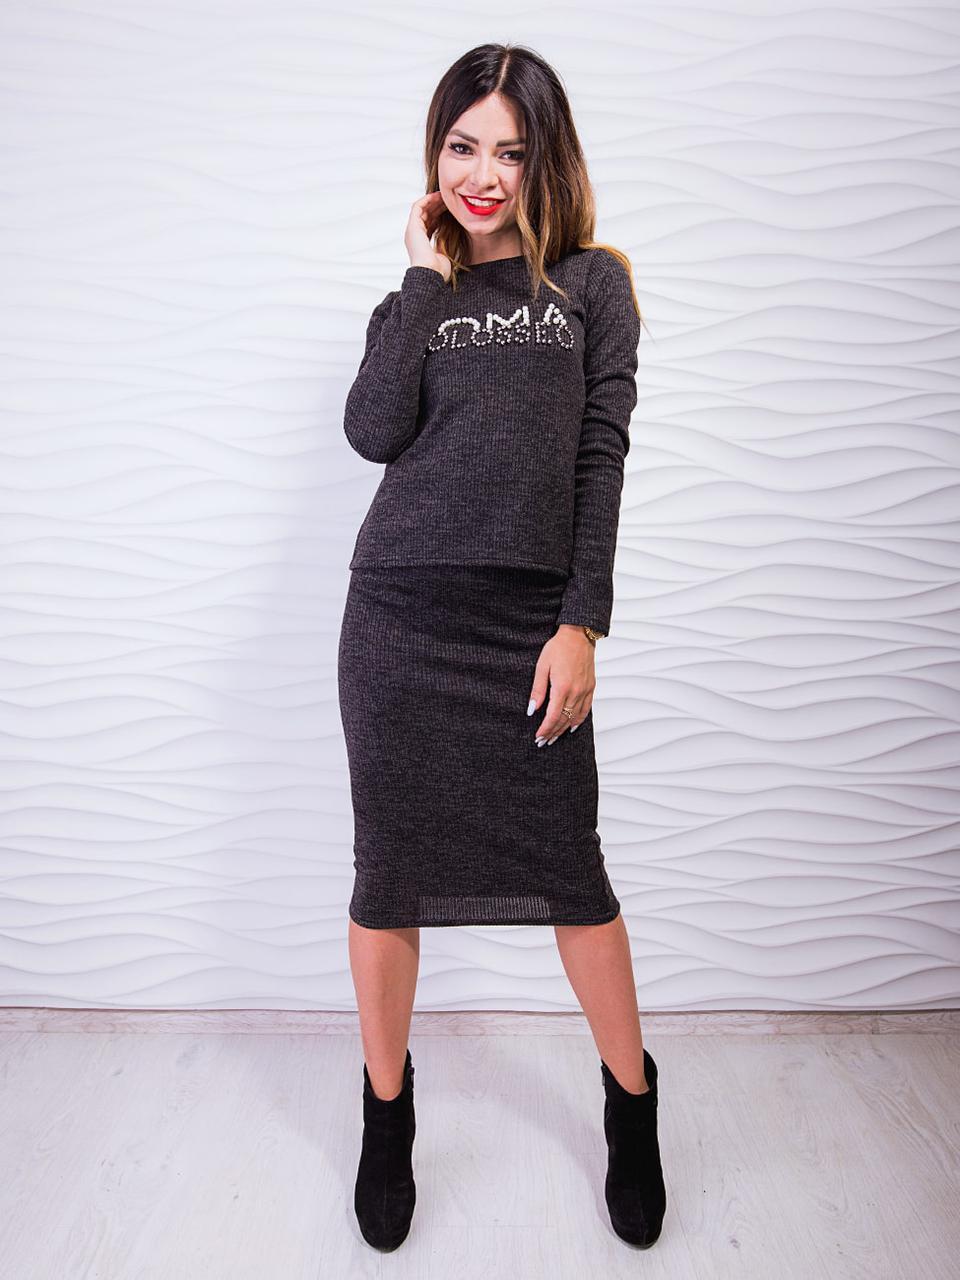 Дизайнерский костюм-двойка: классическая кофта и юбка-карандаш, С,М,Л,ХЛ